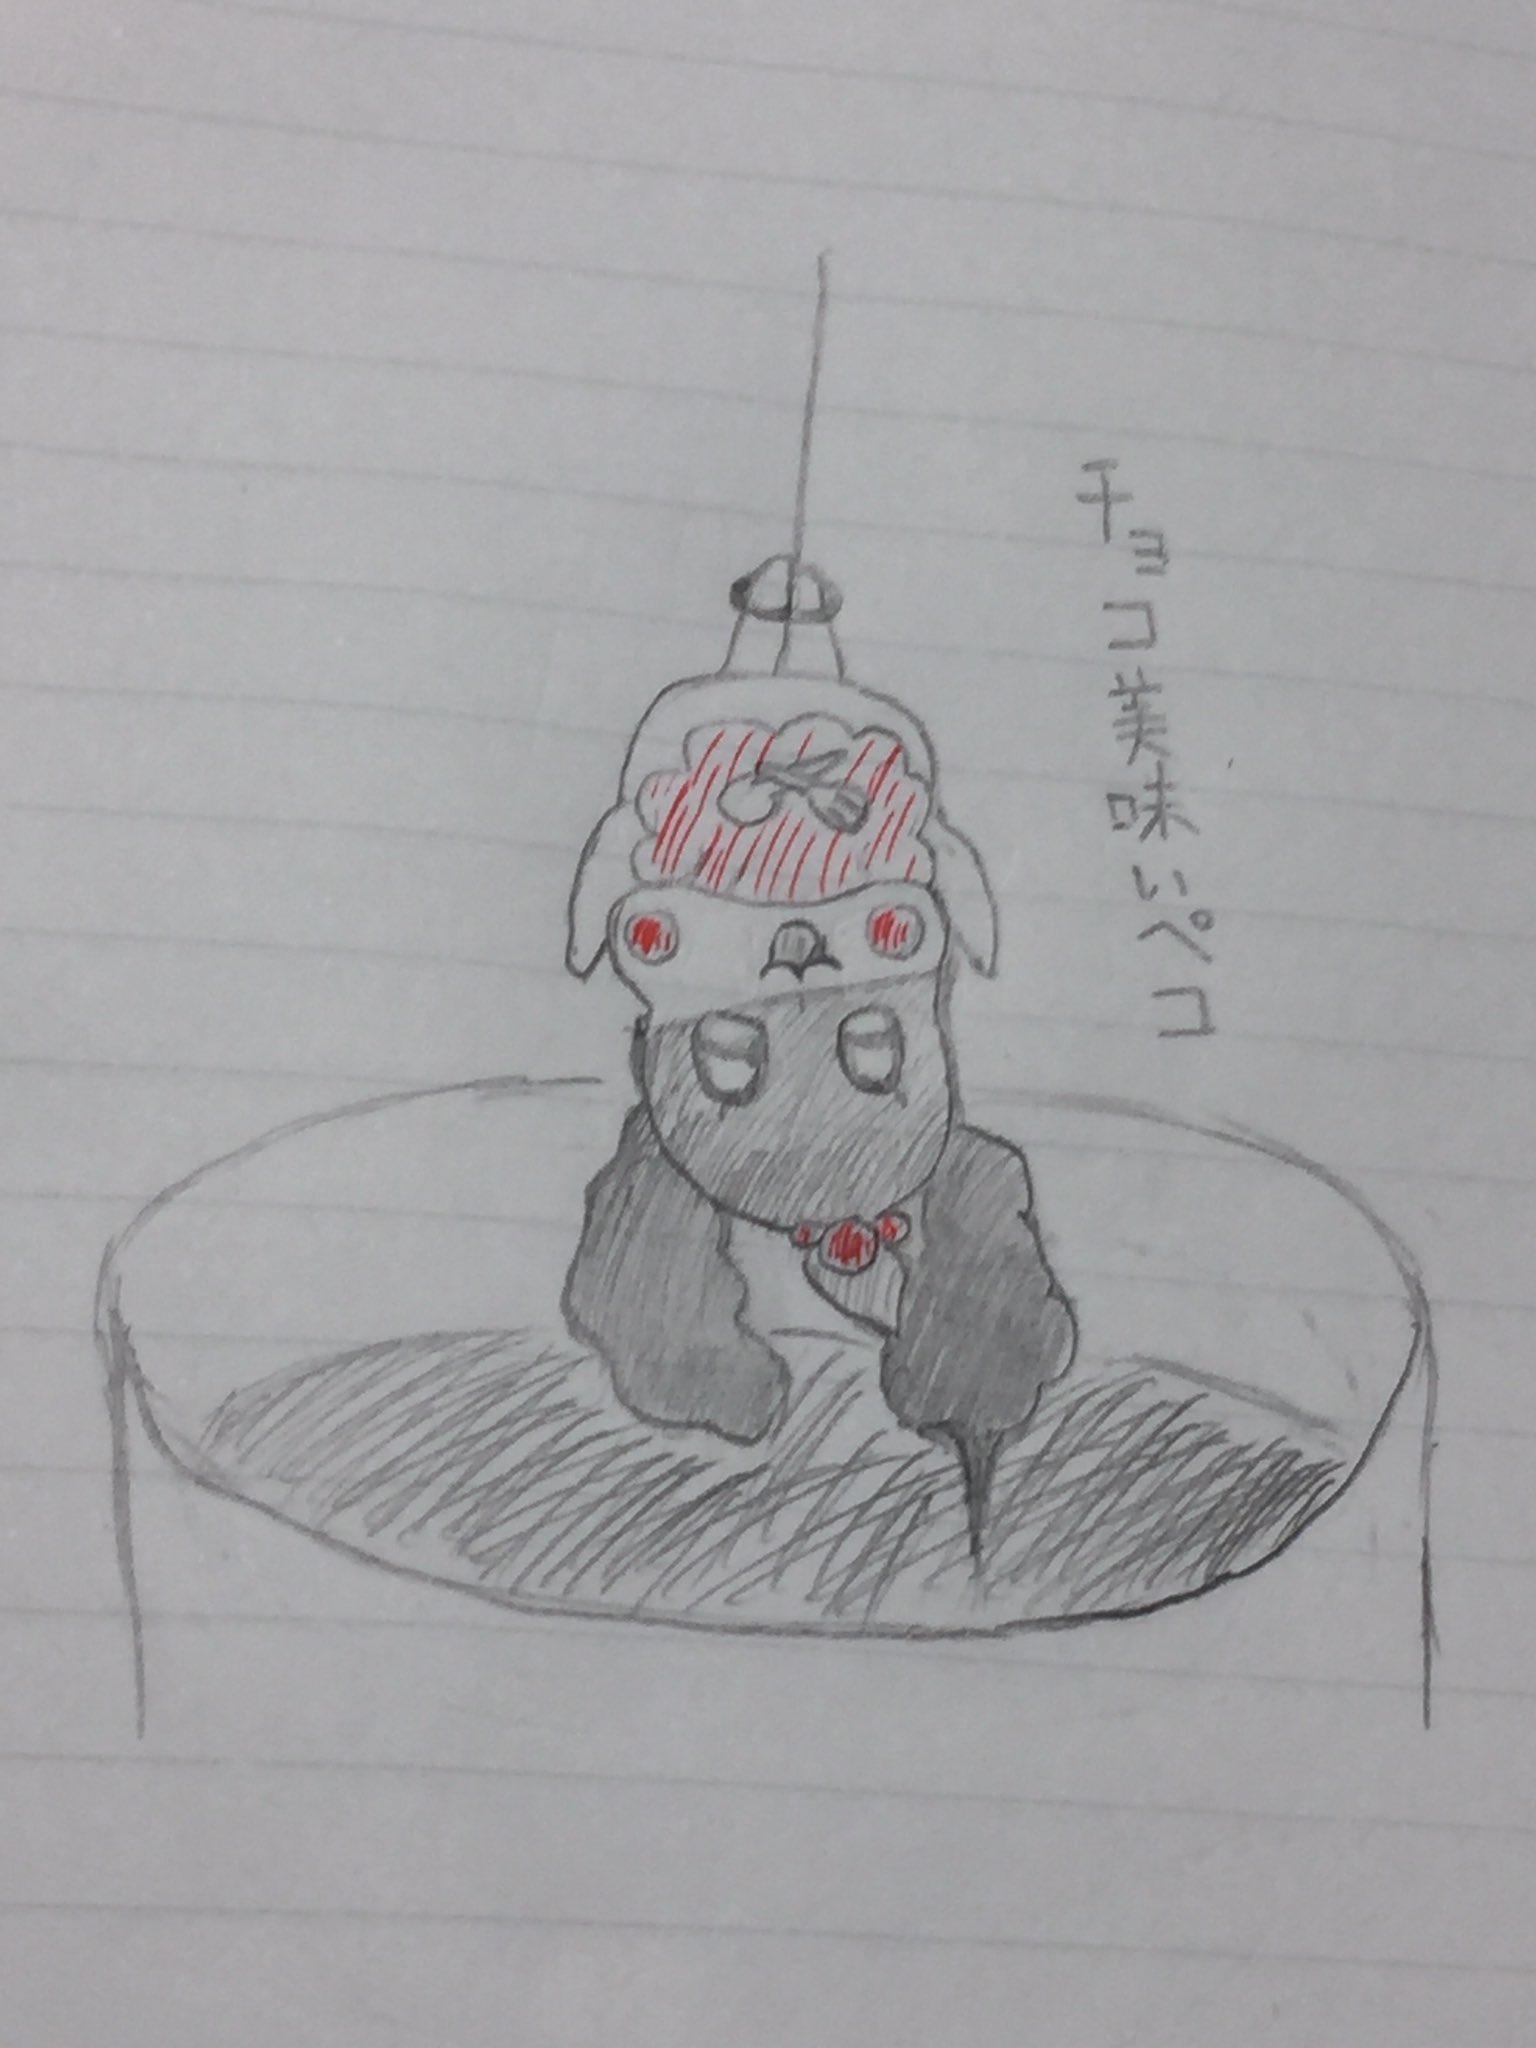 田中正義 (@CamataSekai)さんのイラスト